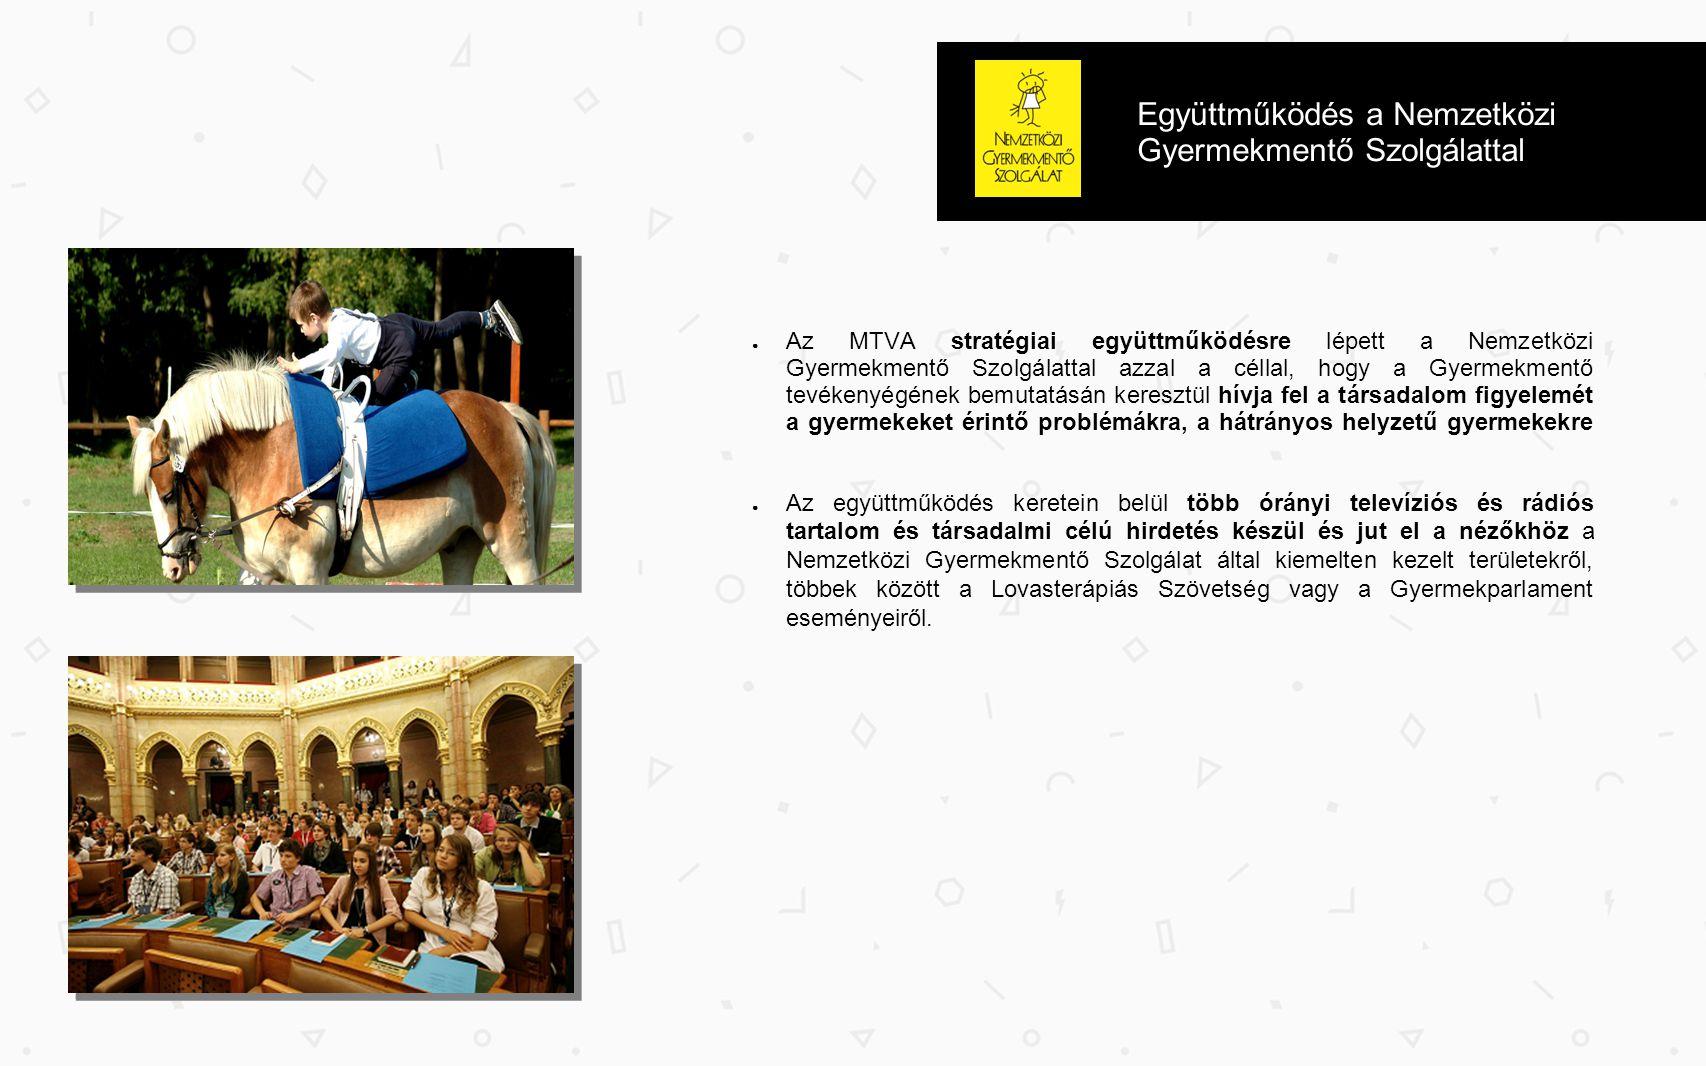 Együttműködés a Nemzetközi Gyermekmentő Szolgálattal ● Az MTVA stratégiai együttműködésre lépett a Nemzetközi Gyermekmentő Szolgálattal azzal a céllal, hogy a Gyermekmentő tevékenyégének bemutatásán keresztül hívja fel a társadalom figyelemét a gyermekeket érintő problémákra, a hátrányos helyzetű gyermekekre ● Az együttműködés keretein belül több órányi televíziós és rádiós tartalom és társadalmi célú hirdetés készül és jut el a nézőkhöz a Nemzetközi Gyermekmentő Szolgálat által kiemelten kezelt területekről, többek között a Lovasterápiás Szövetség vagy a Gyermekparlament eseményeiről.